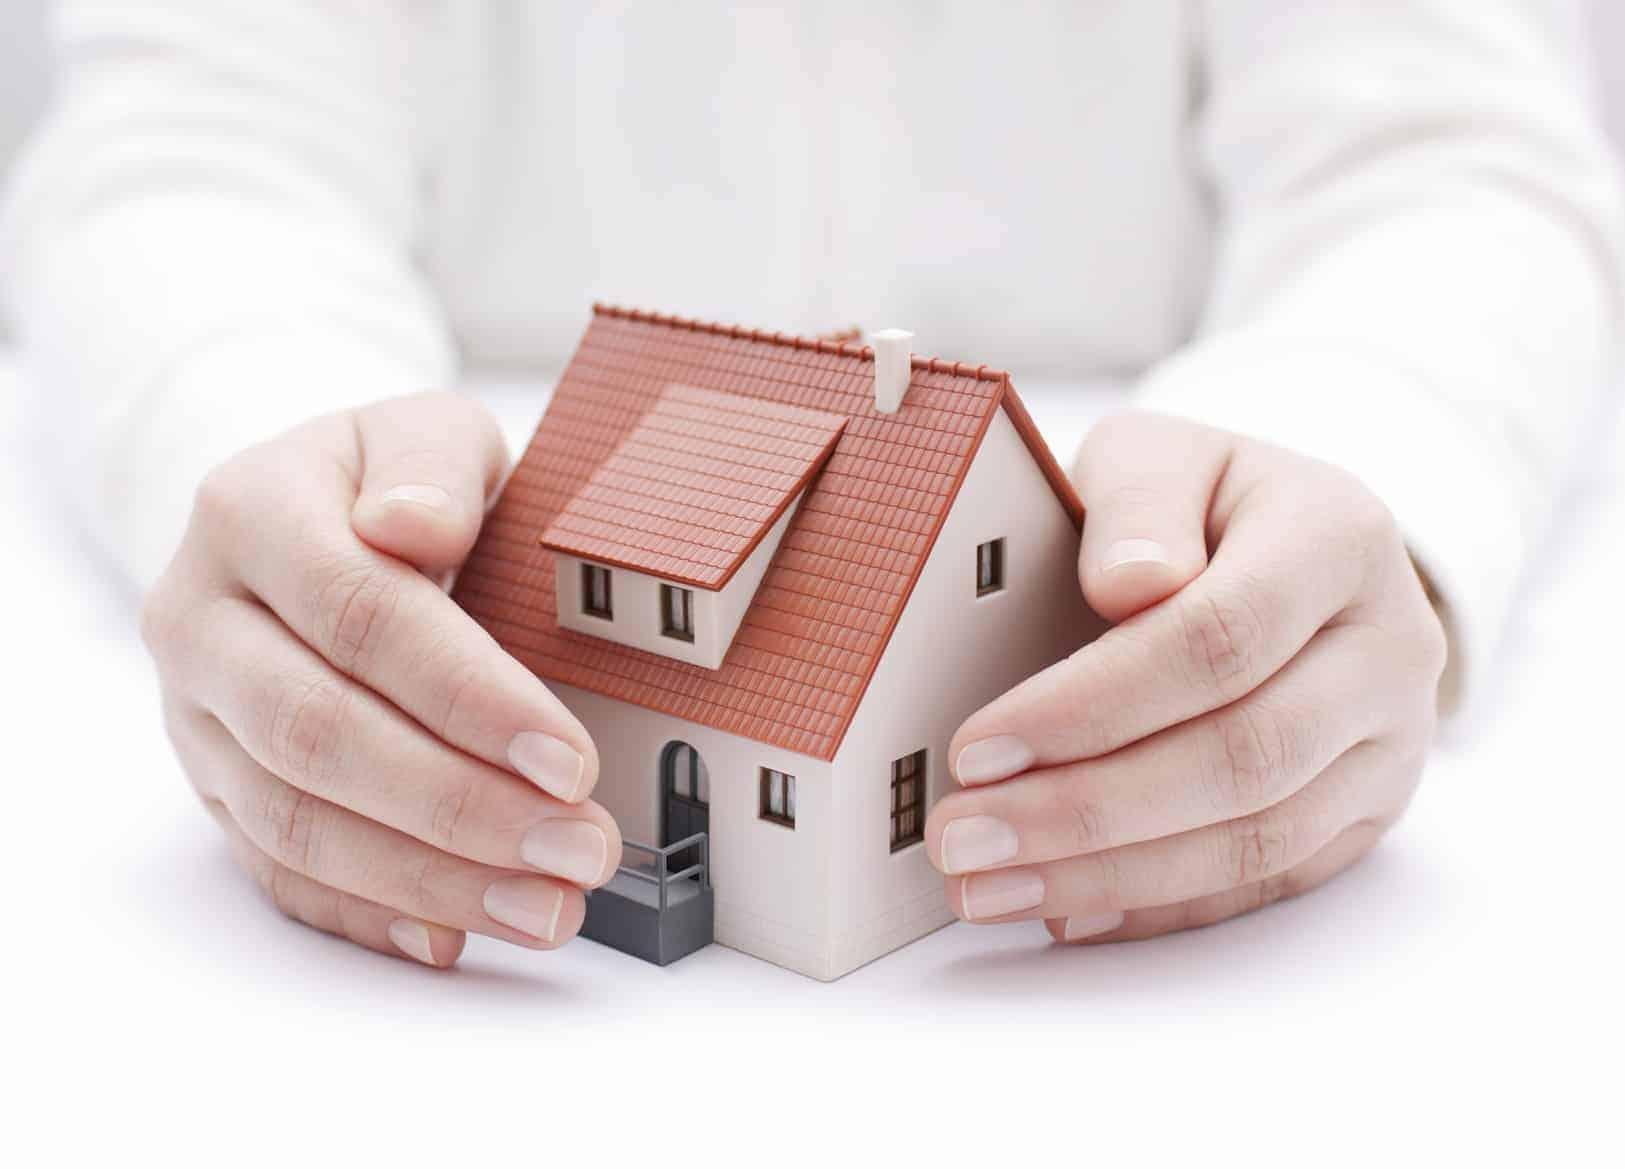 Giải pháp an ninh nhà thông minh bảo vệ ngôi nhà bạn